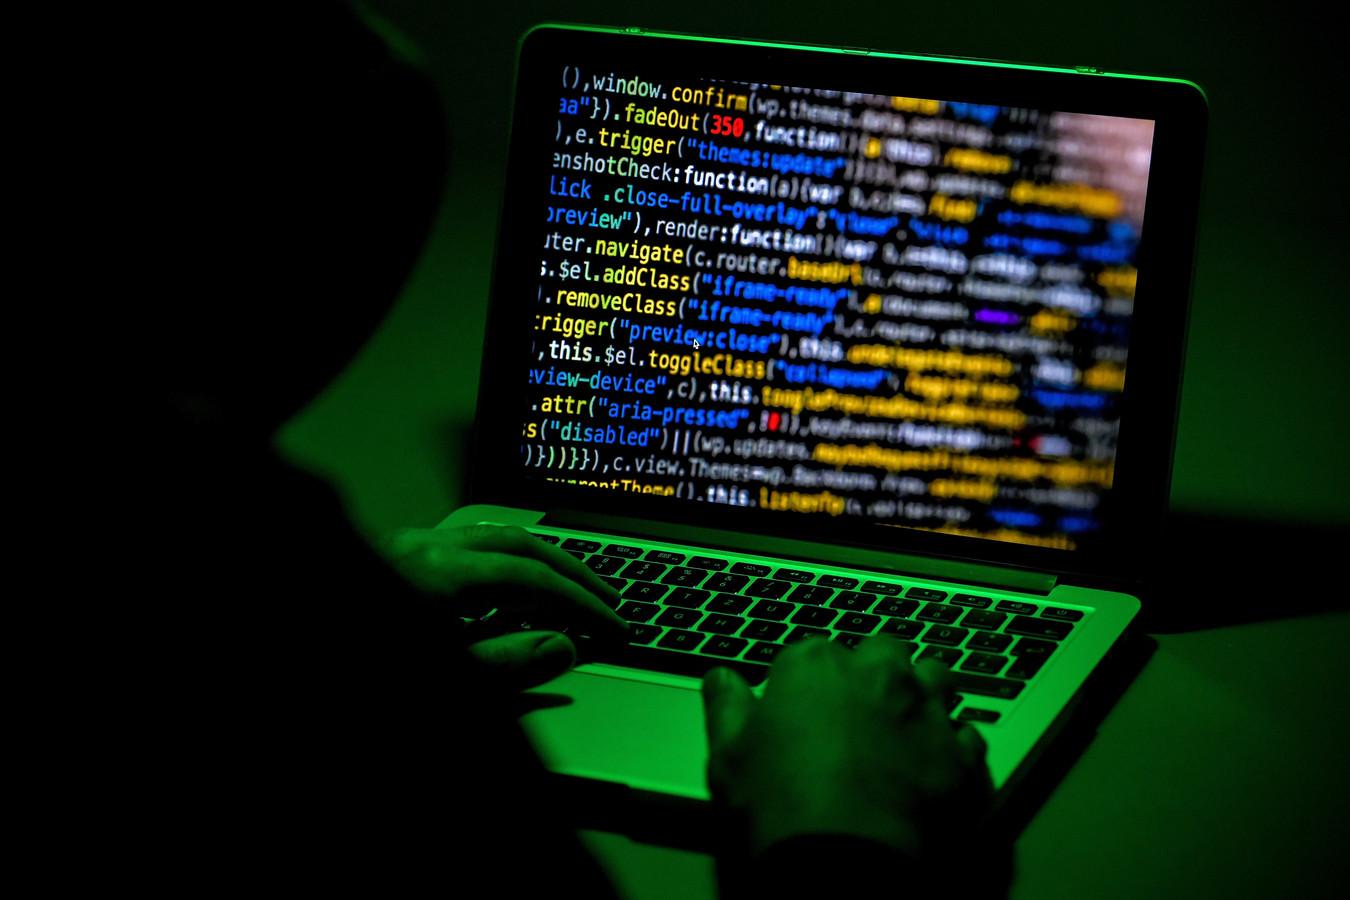 De cybercriminelen kregen de drugs geleverd vanuit Nederland en werden ontmaskerd met behulp van een 'verrader'.